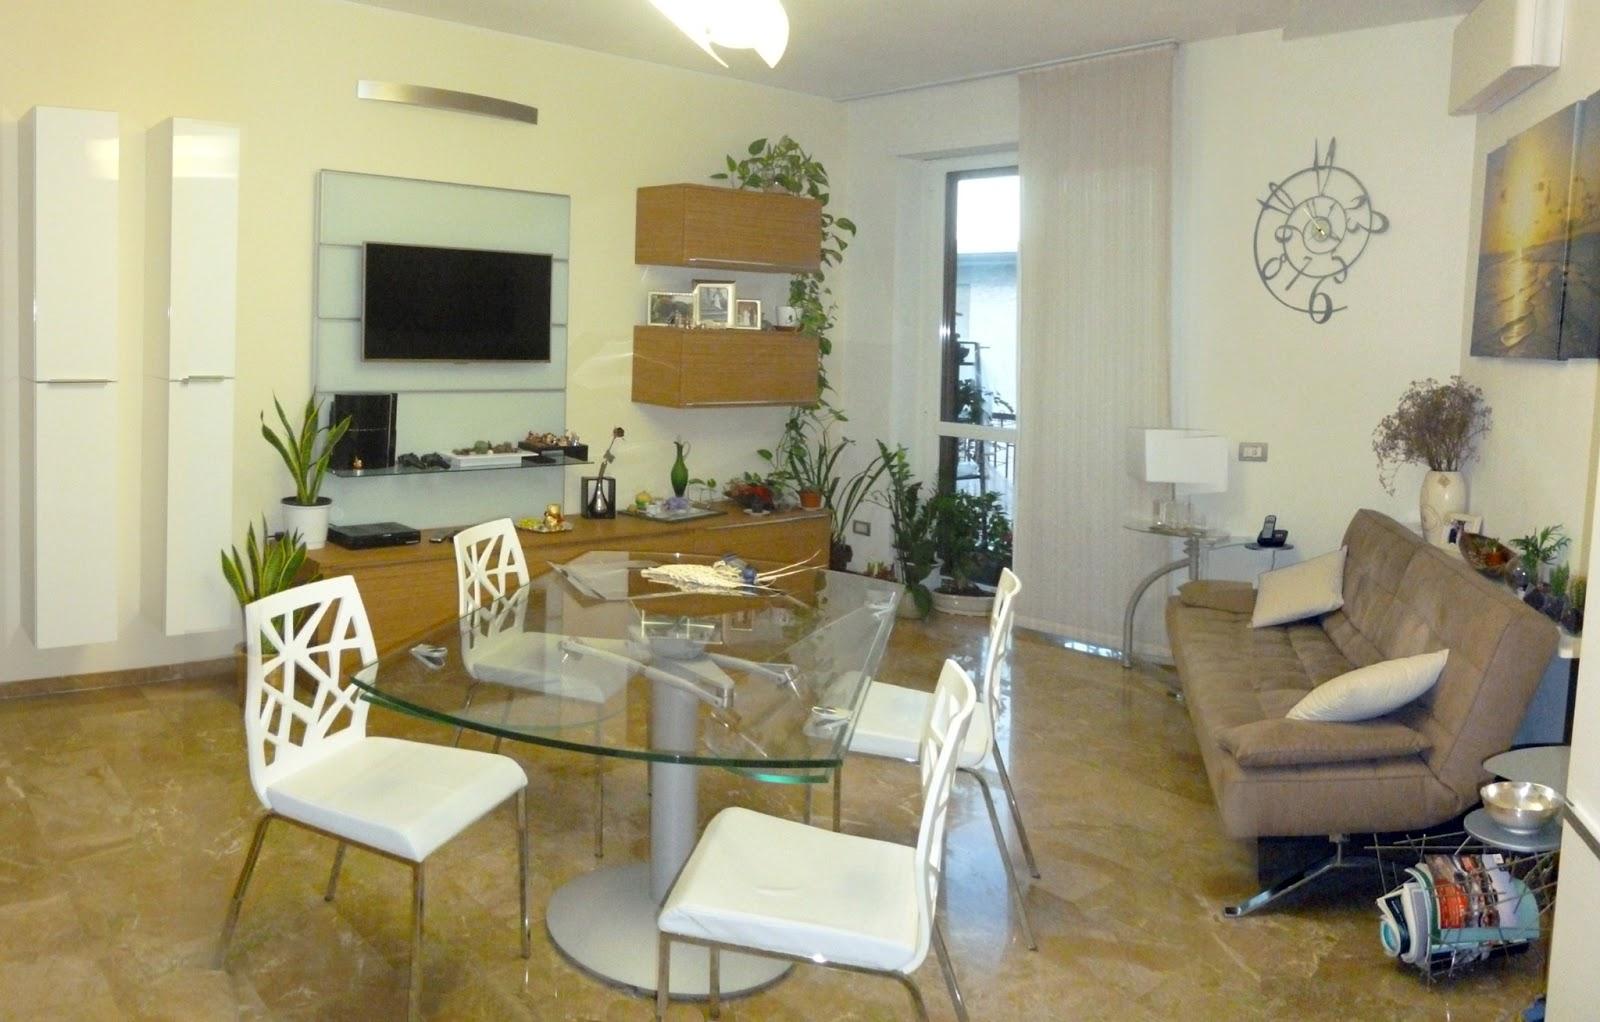 Bagno Chic Rho : Riabitare easy chic: appartamento anni 60 milano italy